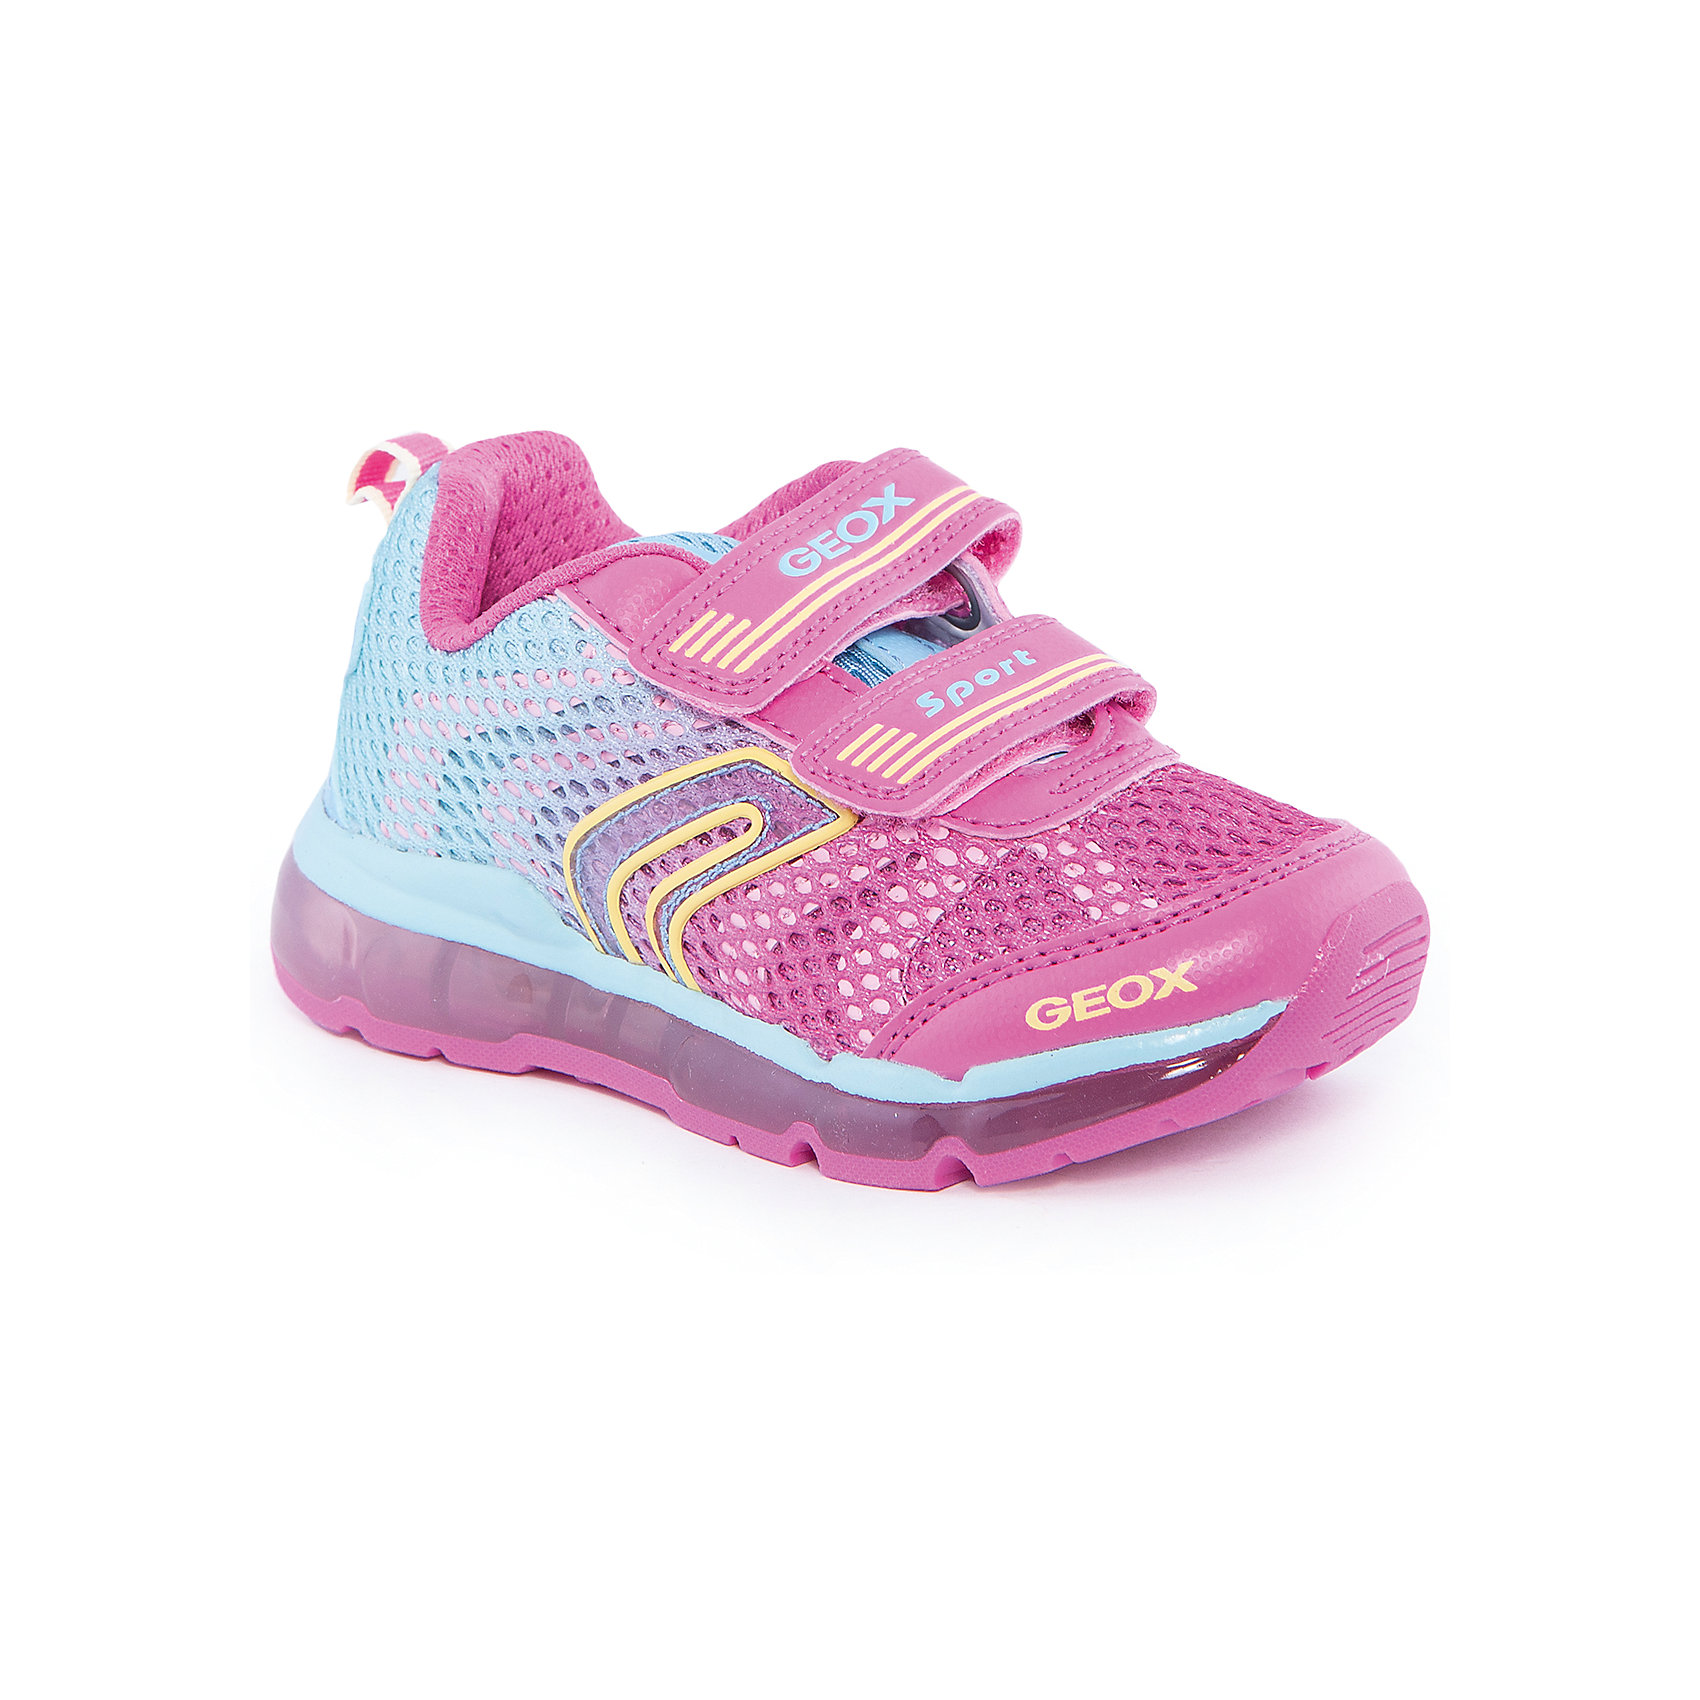 Кроссовки для девочки GEOXКроссовки для девочки от популярной марки GEOX (Геокс).<br><br>Яркие дышащие кроссовки разнообразят гардероб ребенка в новом сезоне! Эта модель создана специально для девочек, она очень стильно и оригинально смотрится.<br>Производитель обуви заботится не только о внешнем виде, но и стабильно высоком качестве продукции. GEOX (Геокс) разработал специальную высокотехнологичную стельку. Вся обувь делается только из качественных и надежных материалов.<br><br>Отличительные особенности модели:<br><br>- цвет: розовый;<br>- декорирована яркими желтыми элементами;<br>- прочная устойчивая подошва;<br>- мягкий и легкий верх;<br>- защита пальцев и пятки;<br>- стильный дизайн;<br>- анатомическая стелька;<br>- удобные застежки - липучки;<br>- комфортное облегание;<br>- подкладка - натуральная кожа;<br>- дышащие материалы (технология Geox Respira).<br><br>Дополнительная информация:<br><br>- Сезон: весна/лето.<br><br>- Состав:<br><br>материал верха: искусственная кожа, текстиль;<br>подкладка: натуральная кожа, текстиль;<br>стелька: натуральная кожа;<br>подошва: полимер.<br><br>Кроссовки для девочки GEOX (Геокс) можно купить в нашем магазине.<br><br>Ширина мм: 250<br>Глубина мм: 150<br>Высота мм: 150<br>Вес г: 250<br>Цвет: розовый<br>Возраст от месяцев: 36<br>Возраст до месяцев: 48<br>Пол: Женский<br>Возраст: Детский<br>Размер: 27,28,26,32,33,34,31,30,29<br>SKU: 4519594